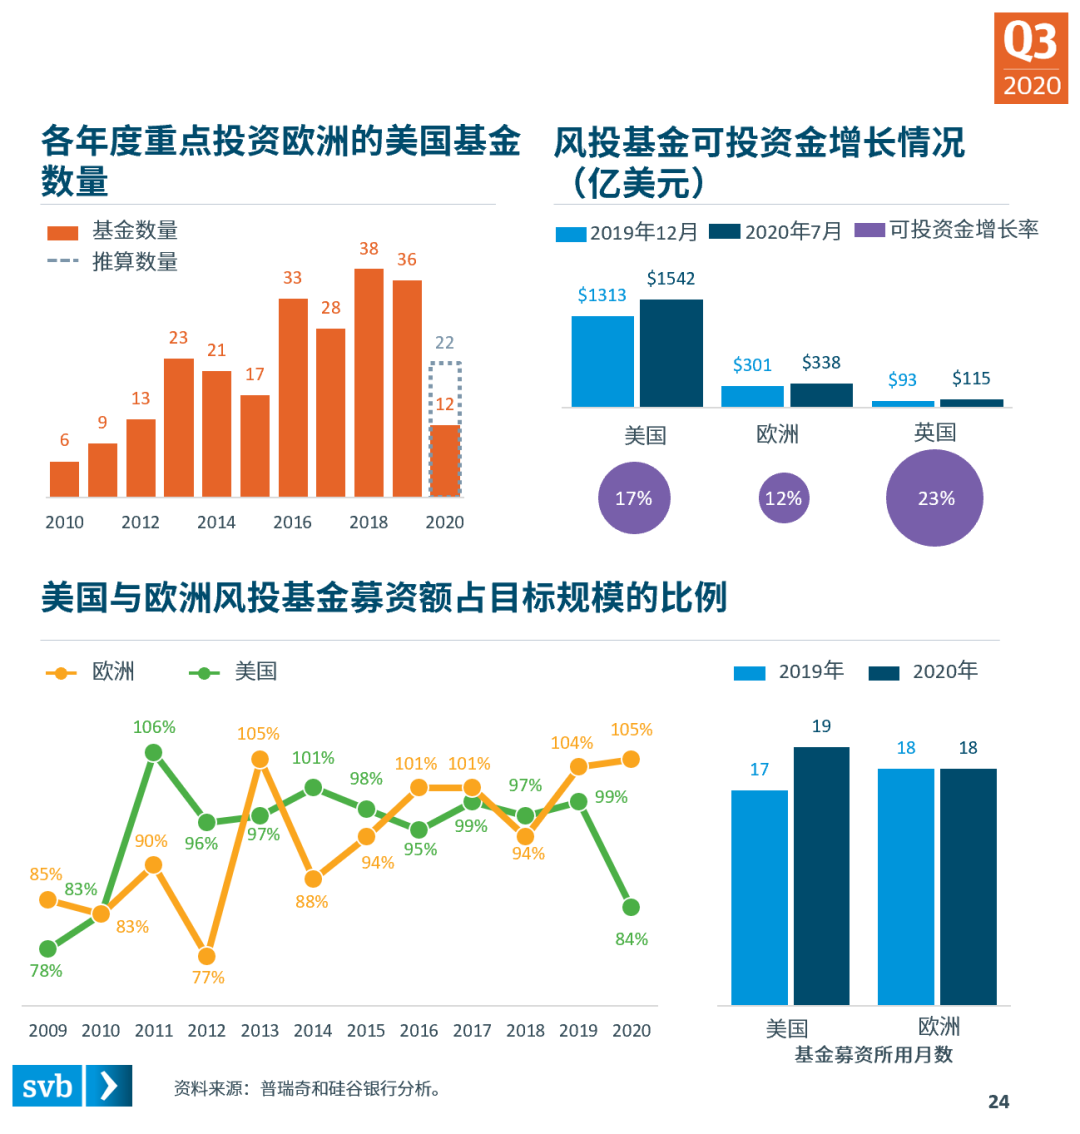 分散复苏态势正在成型——硅谷银行发布《2020年第三季度市场态势报告》